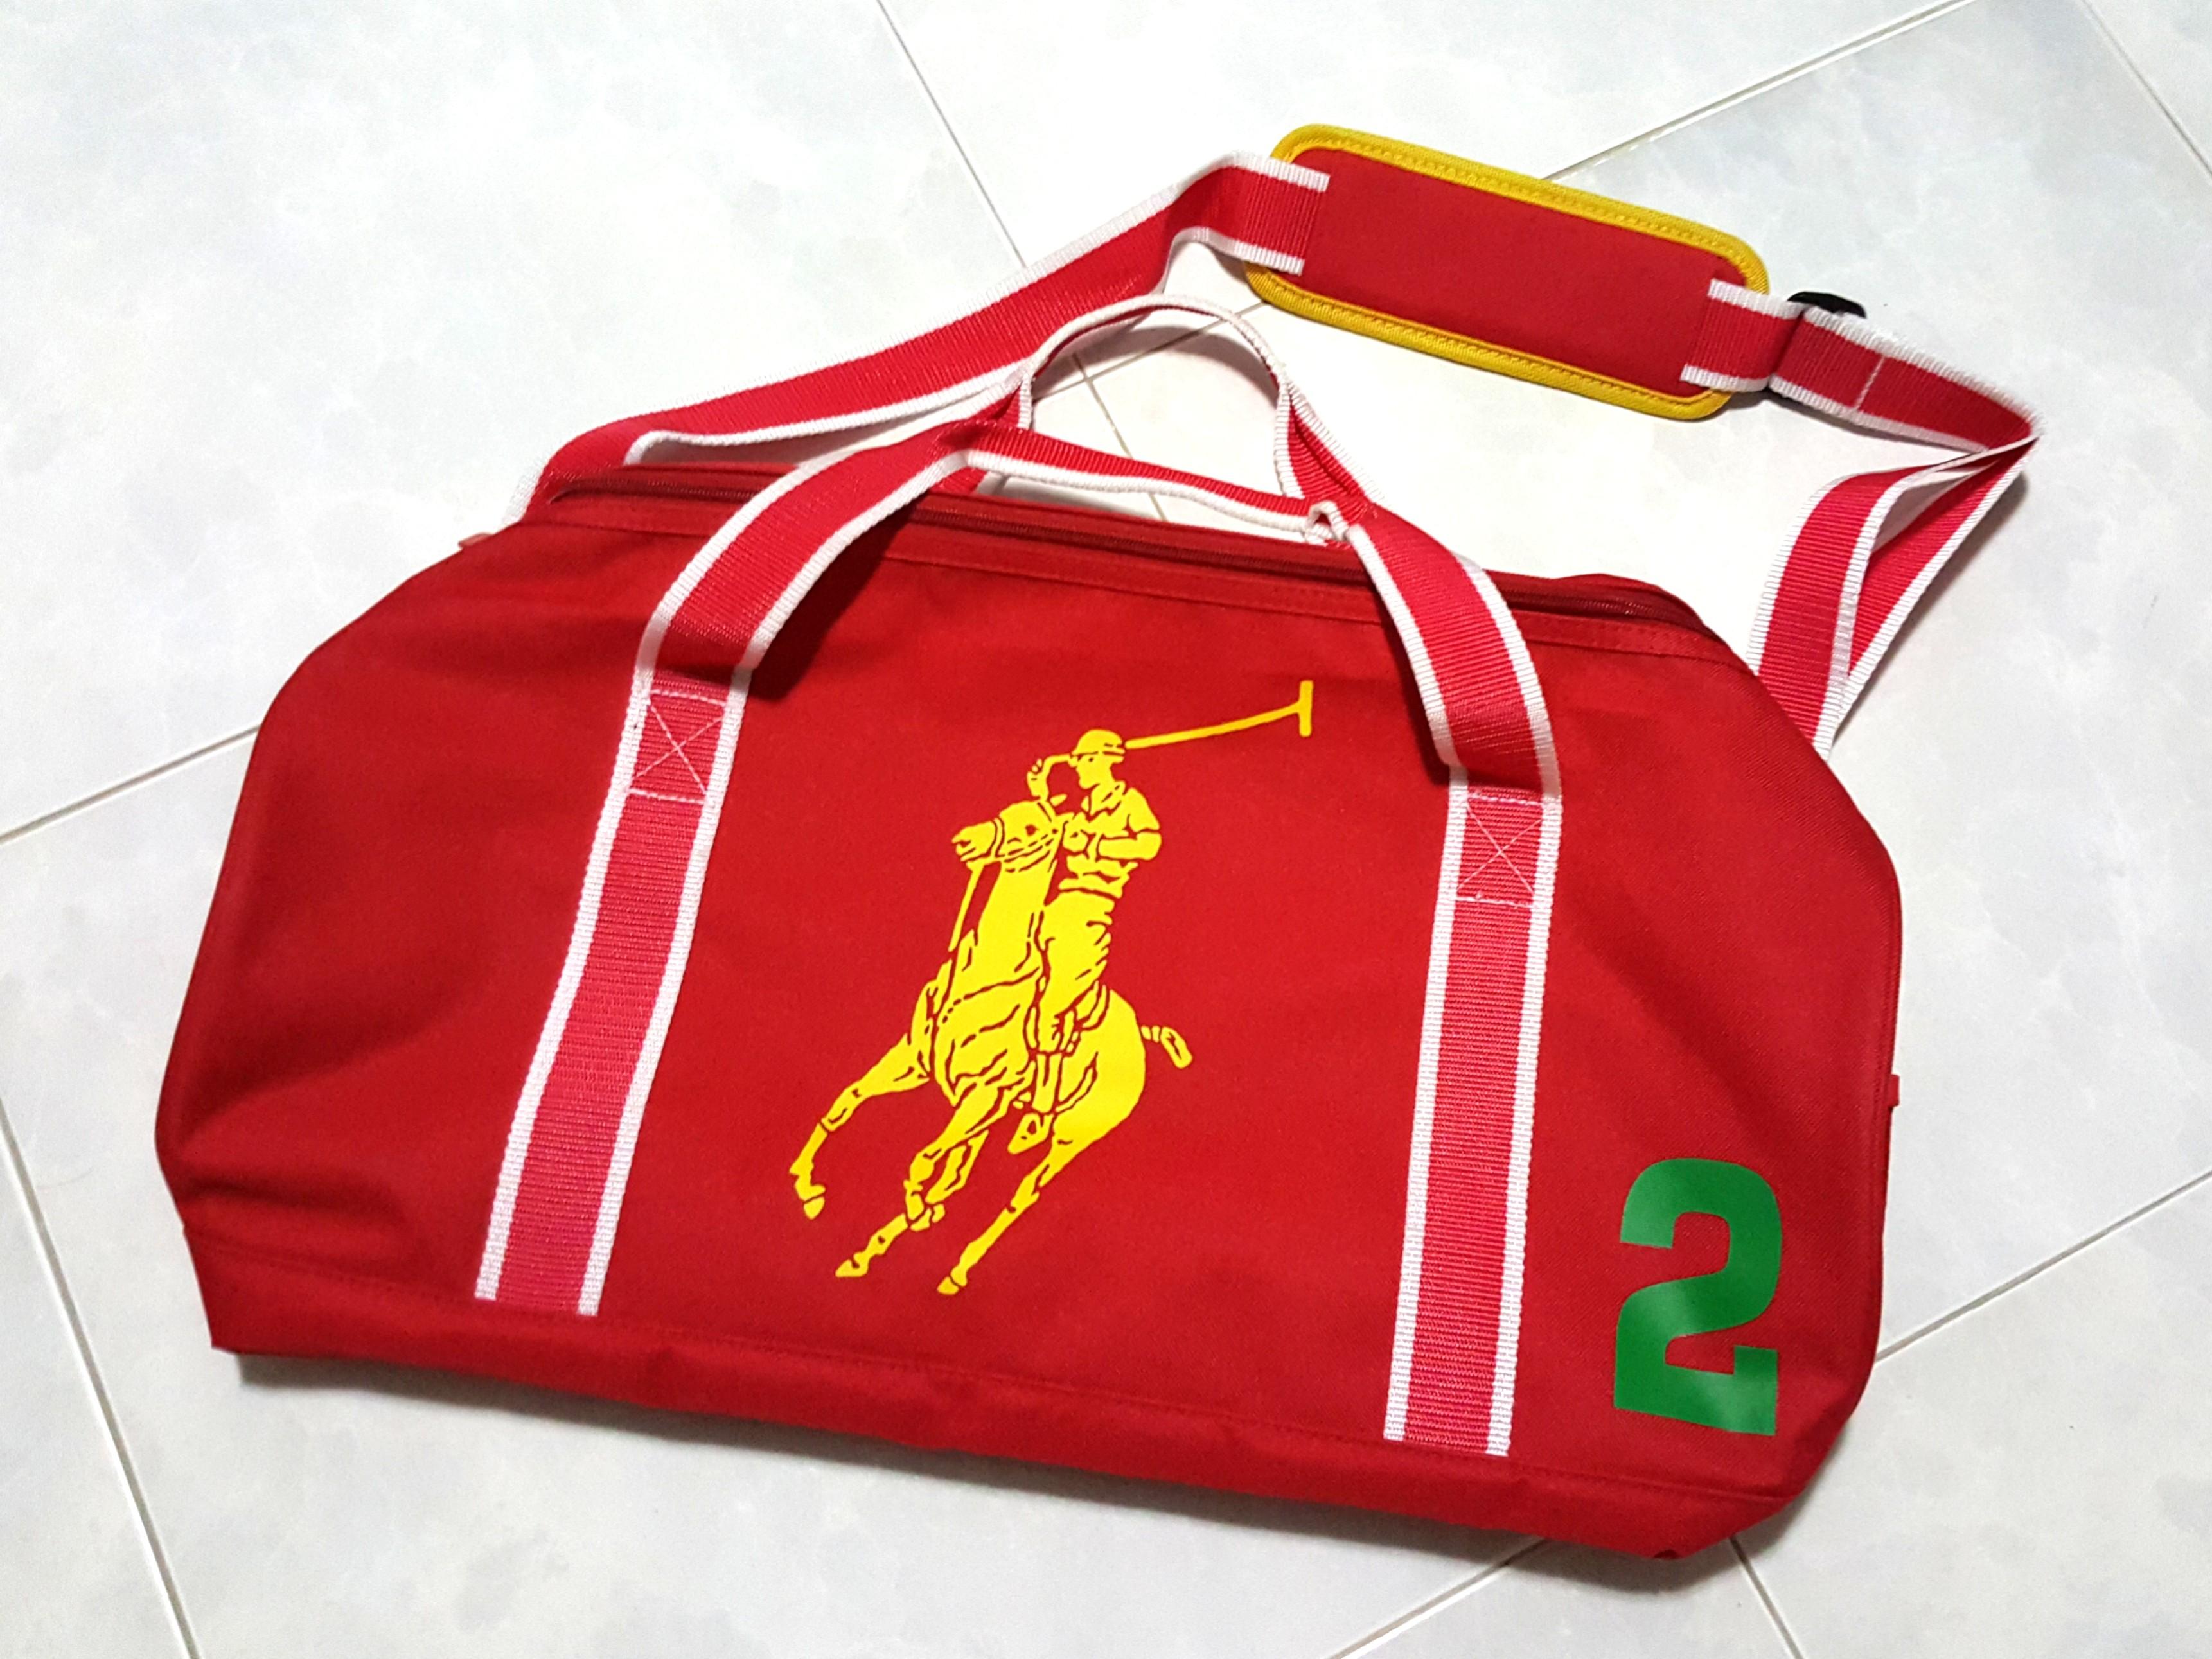 22c22900da73 Polo Ralph Lauren Duffle Gym Travel Bag